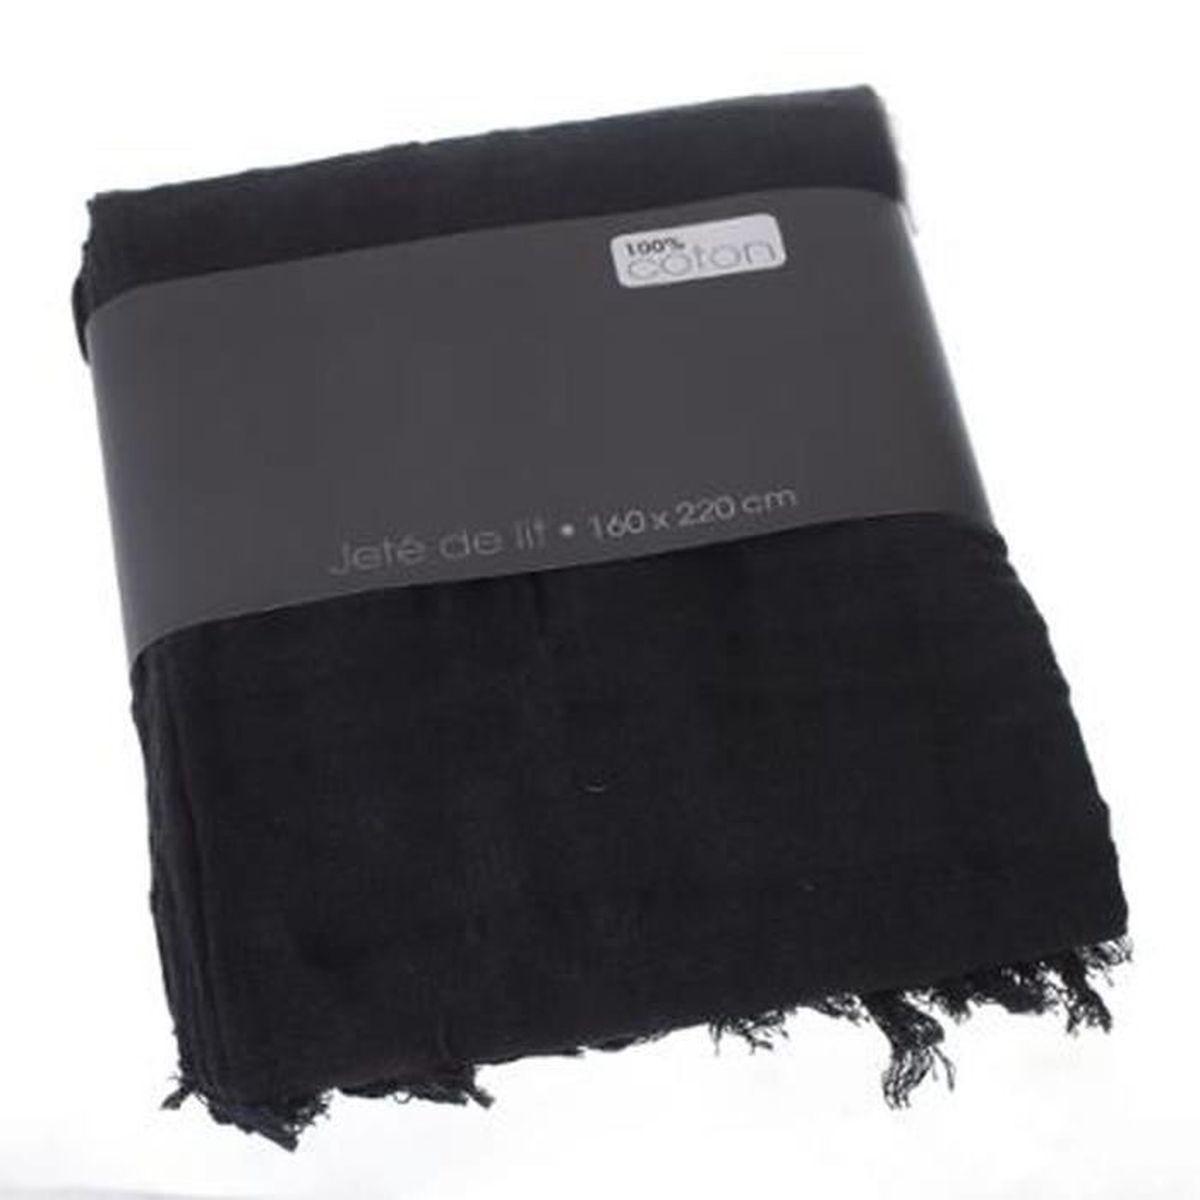 jetee de lit noir achat vente jetee de lit noir pas cher cdiscount. Black Bedroom Furniture Sets. Home Design Ideas